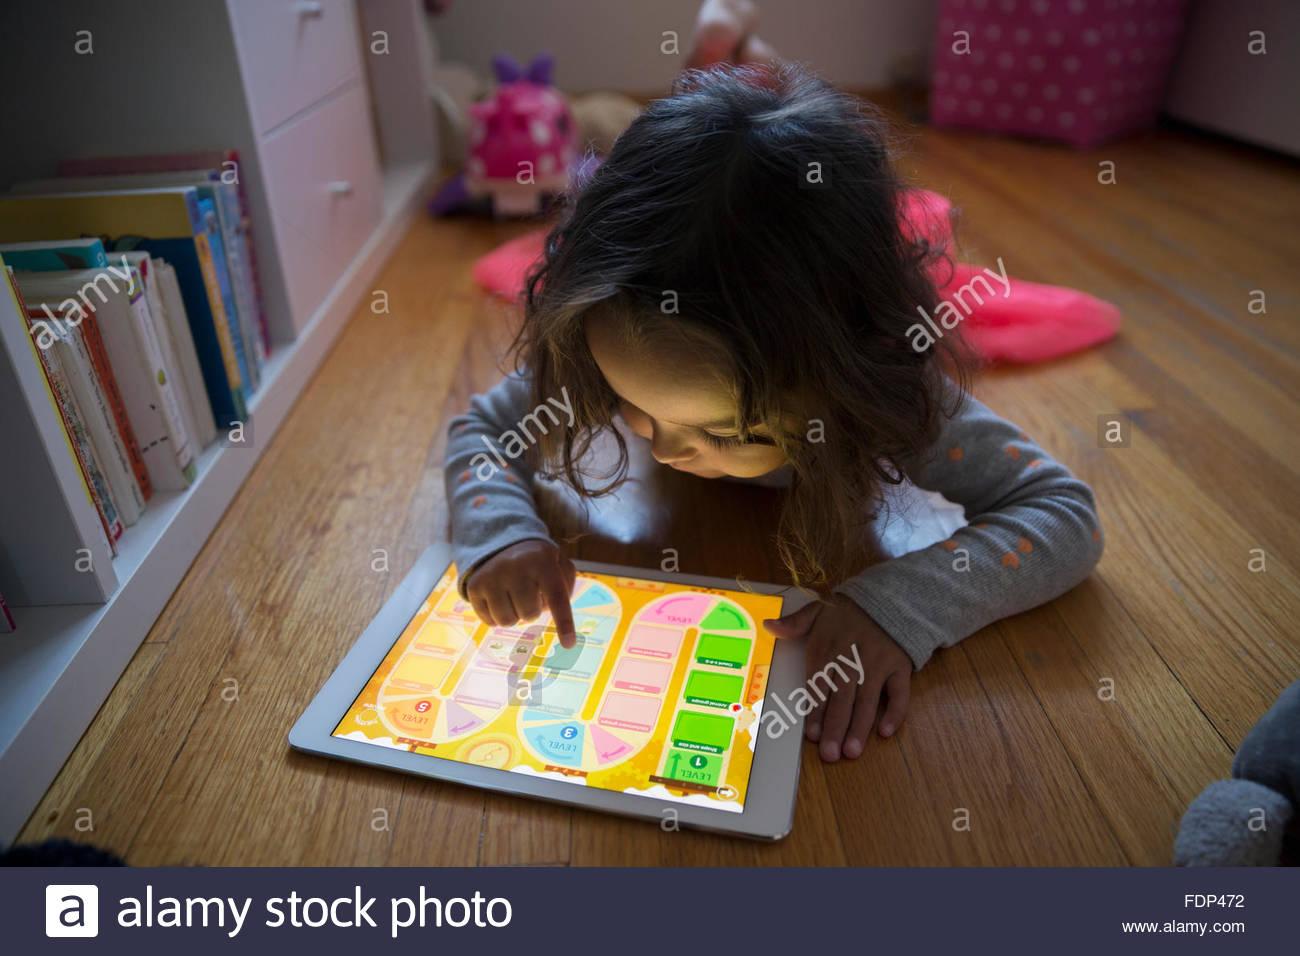 Mädchen spielen Spiel auf digital-Tablette auf Etage Stockbild